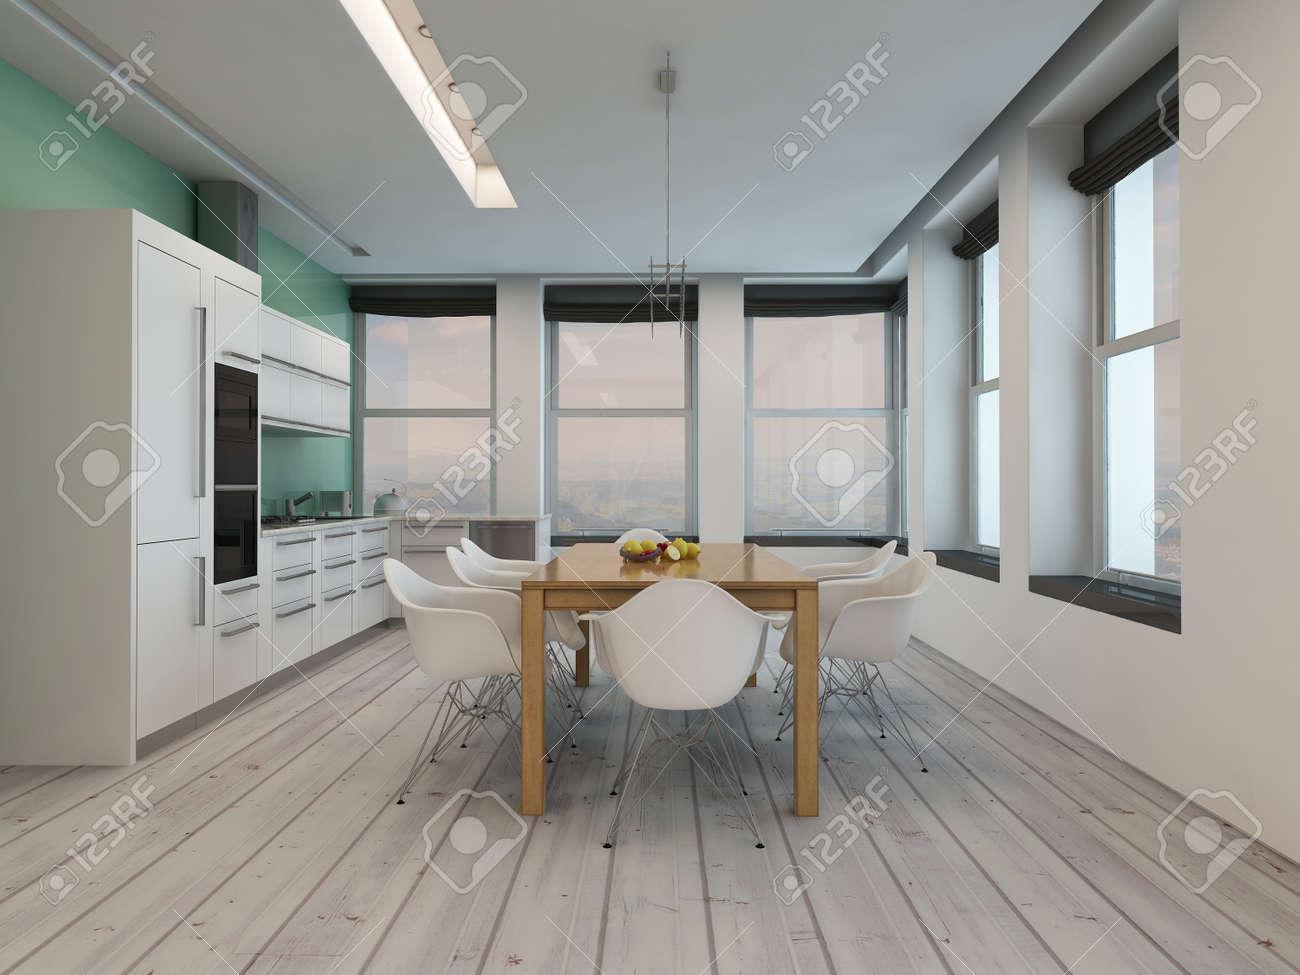 Moderna Cocina Comedor Habitación Interior Con Grandes Ventanas En ...